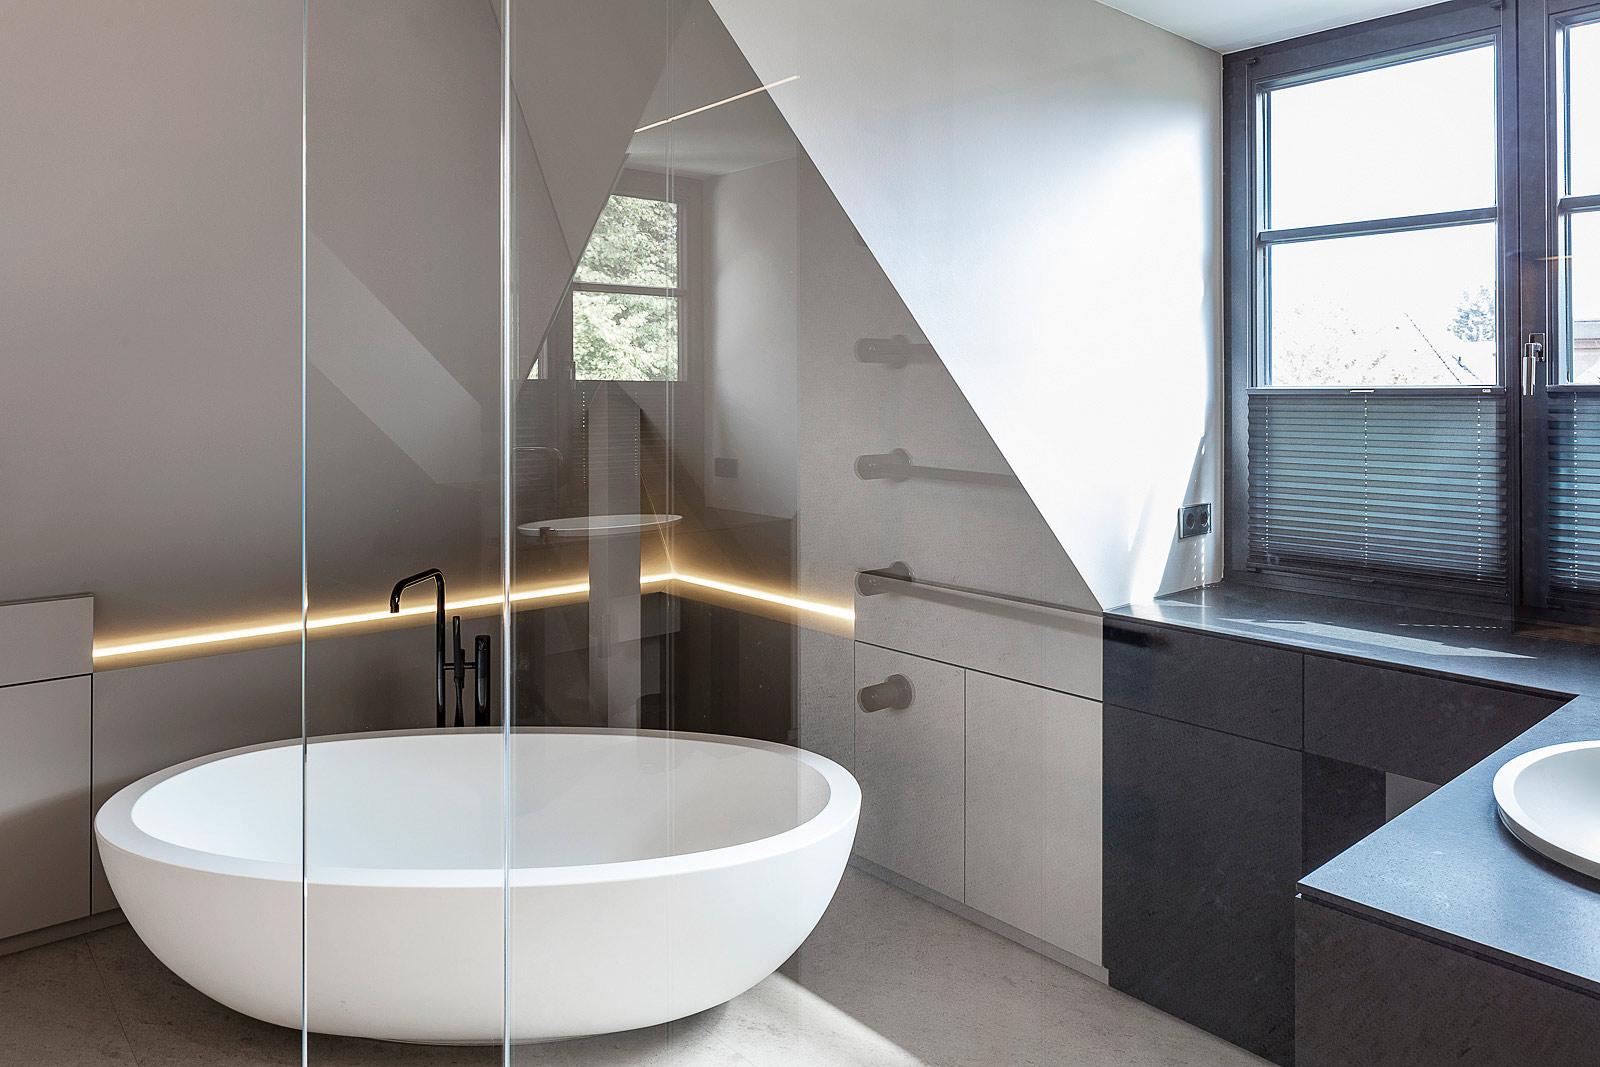 Architekturfotografie Innenraum, Badezimmer, Fotografie, Luxusbad